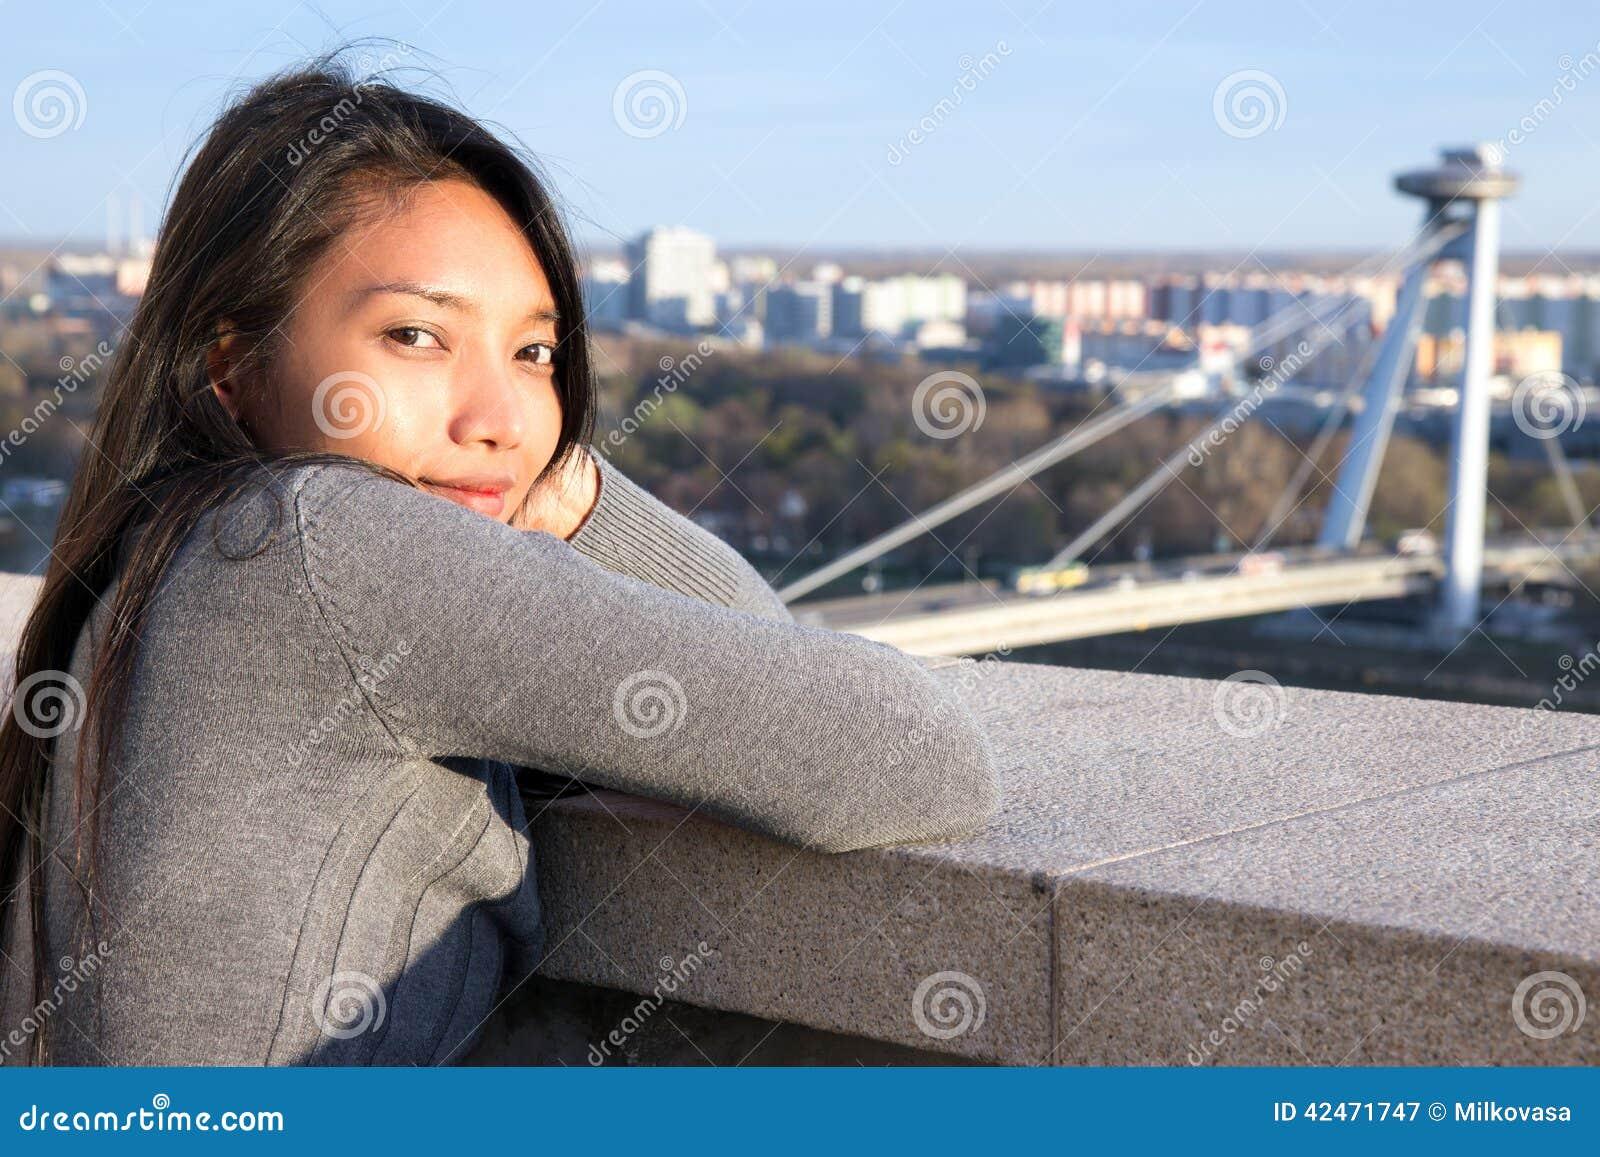 Frau passen auf SNP-Brücke auf